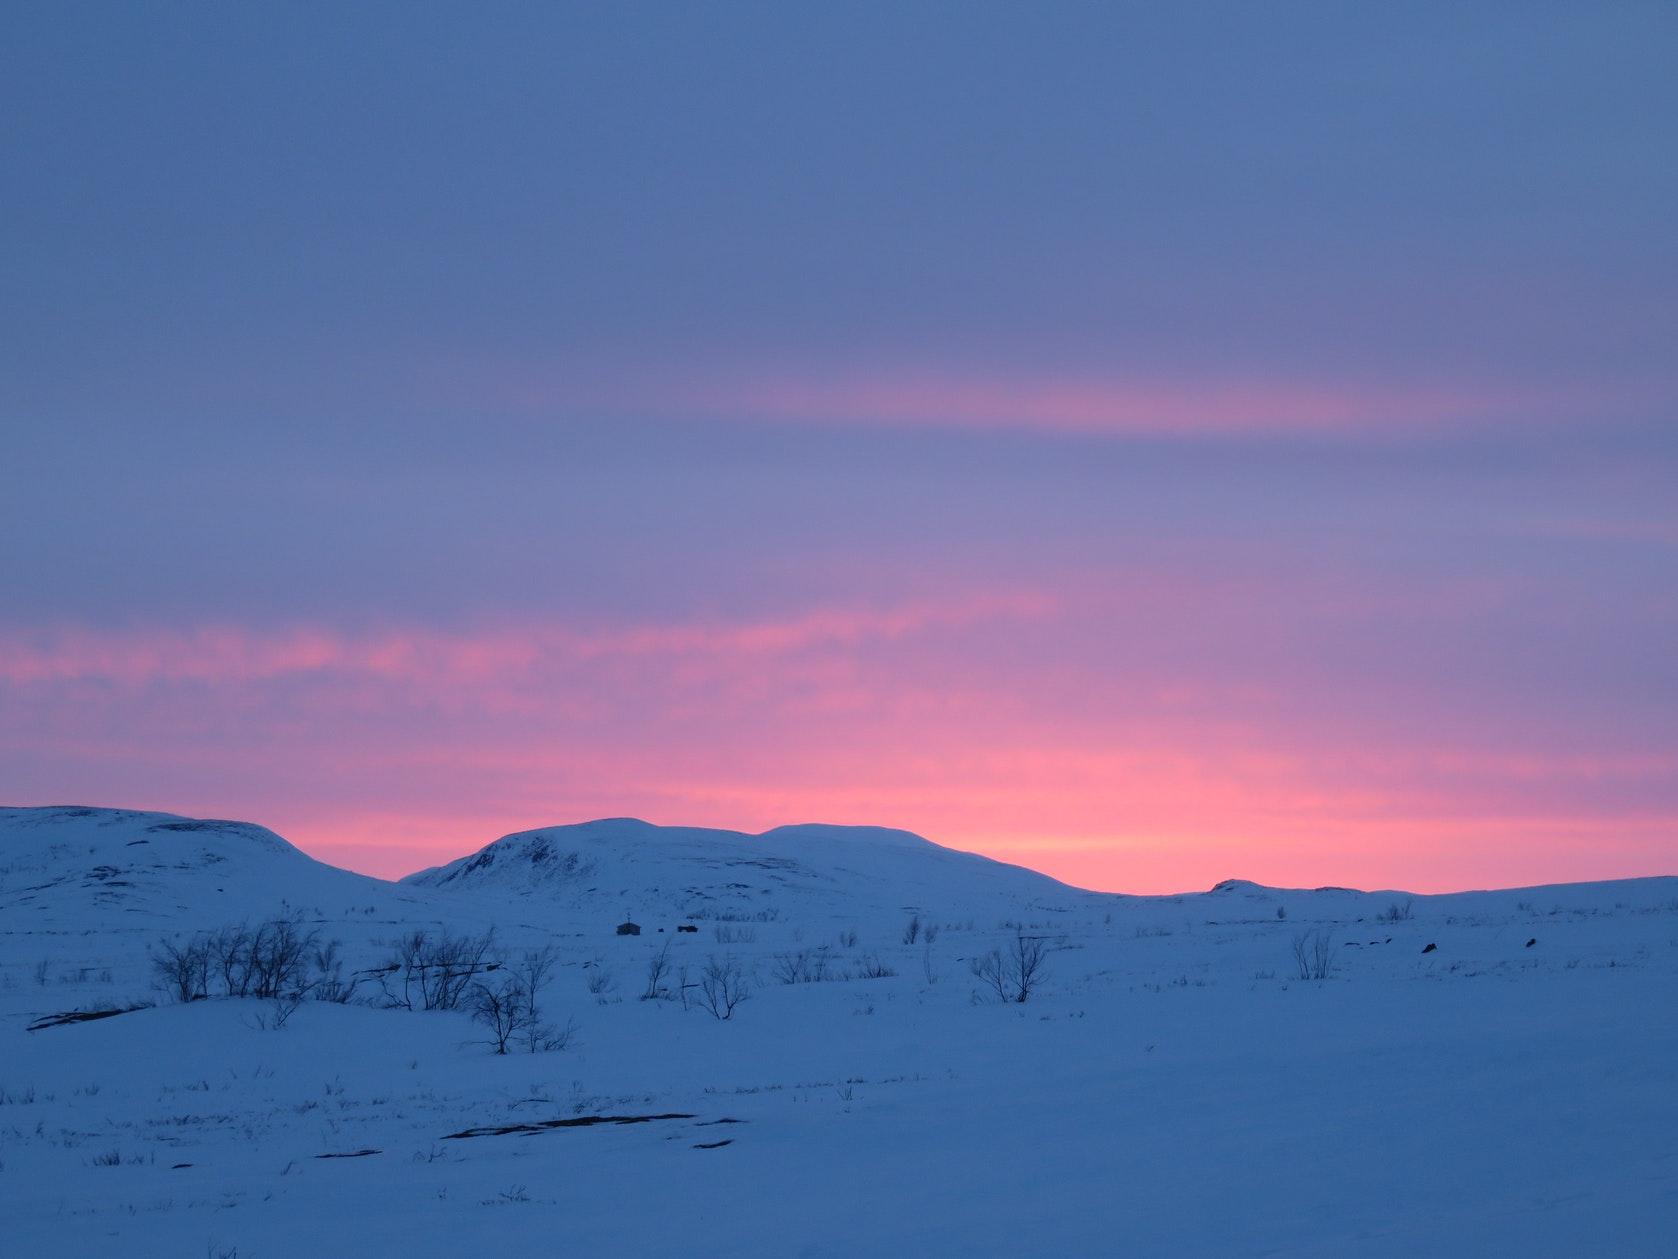 wintertour_mountaintour_expedition_5